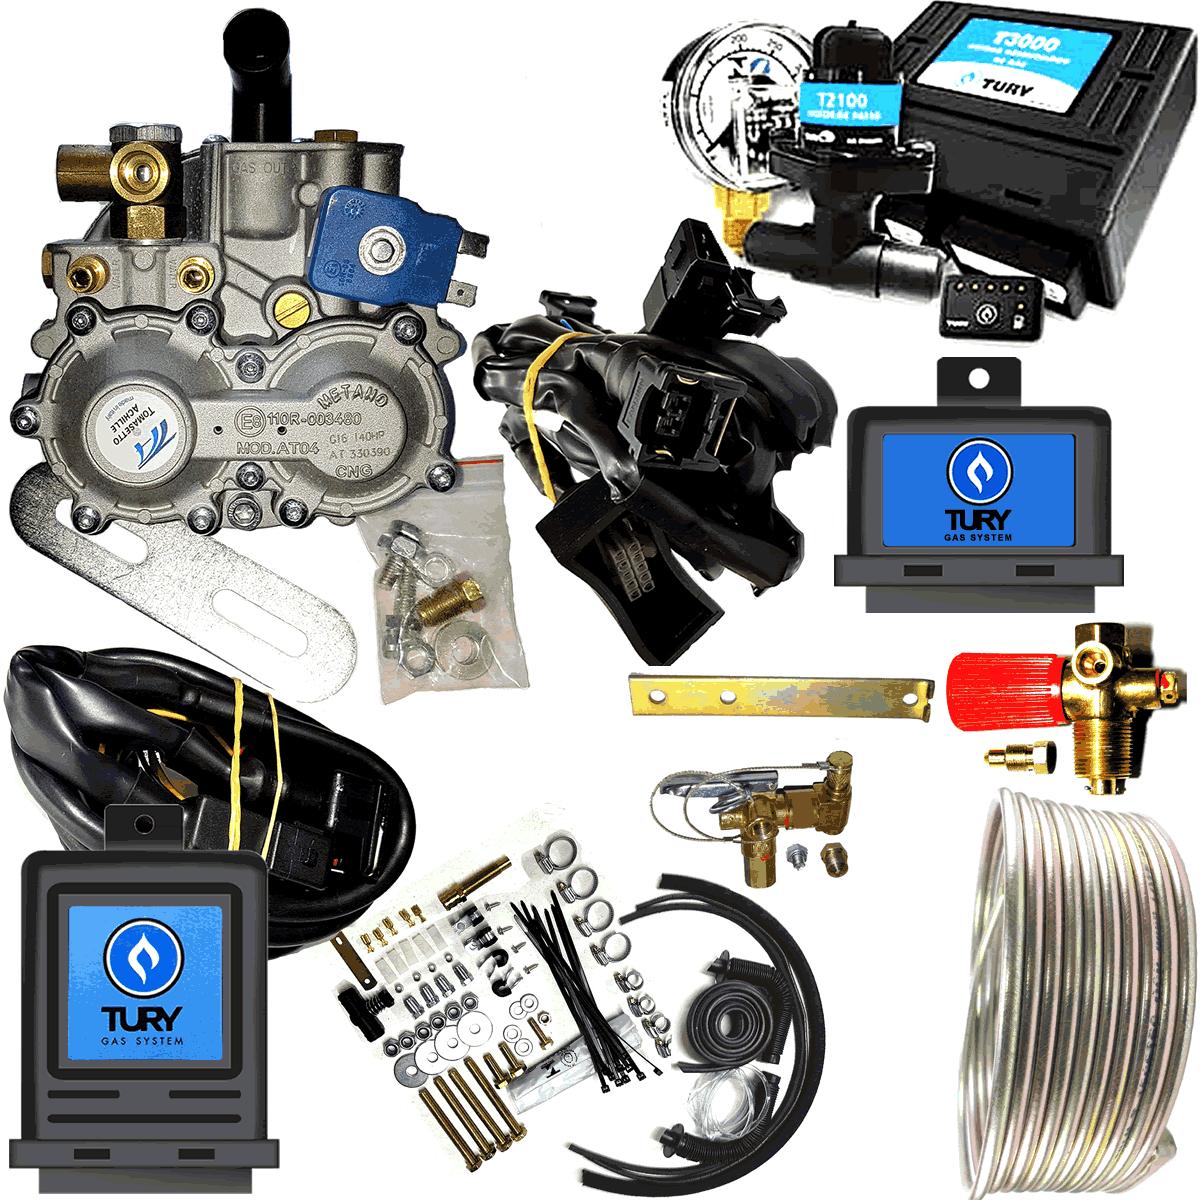 Kit 4ª Geração Tomasetto TURY GAS com Variador Válvulas e Minuterias